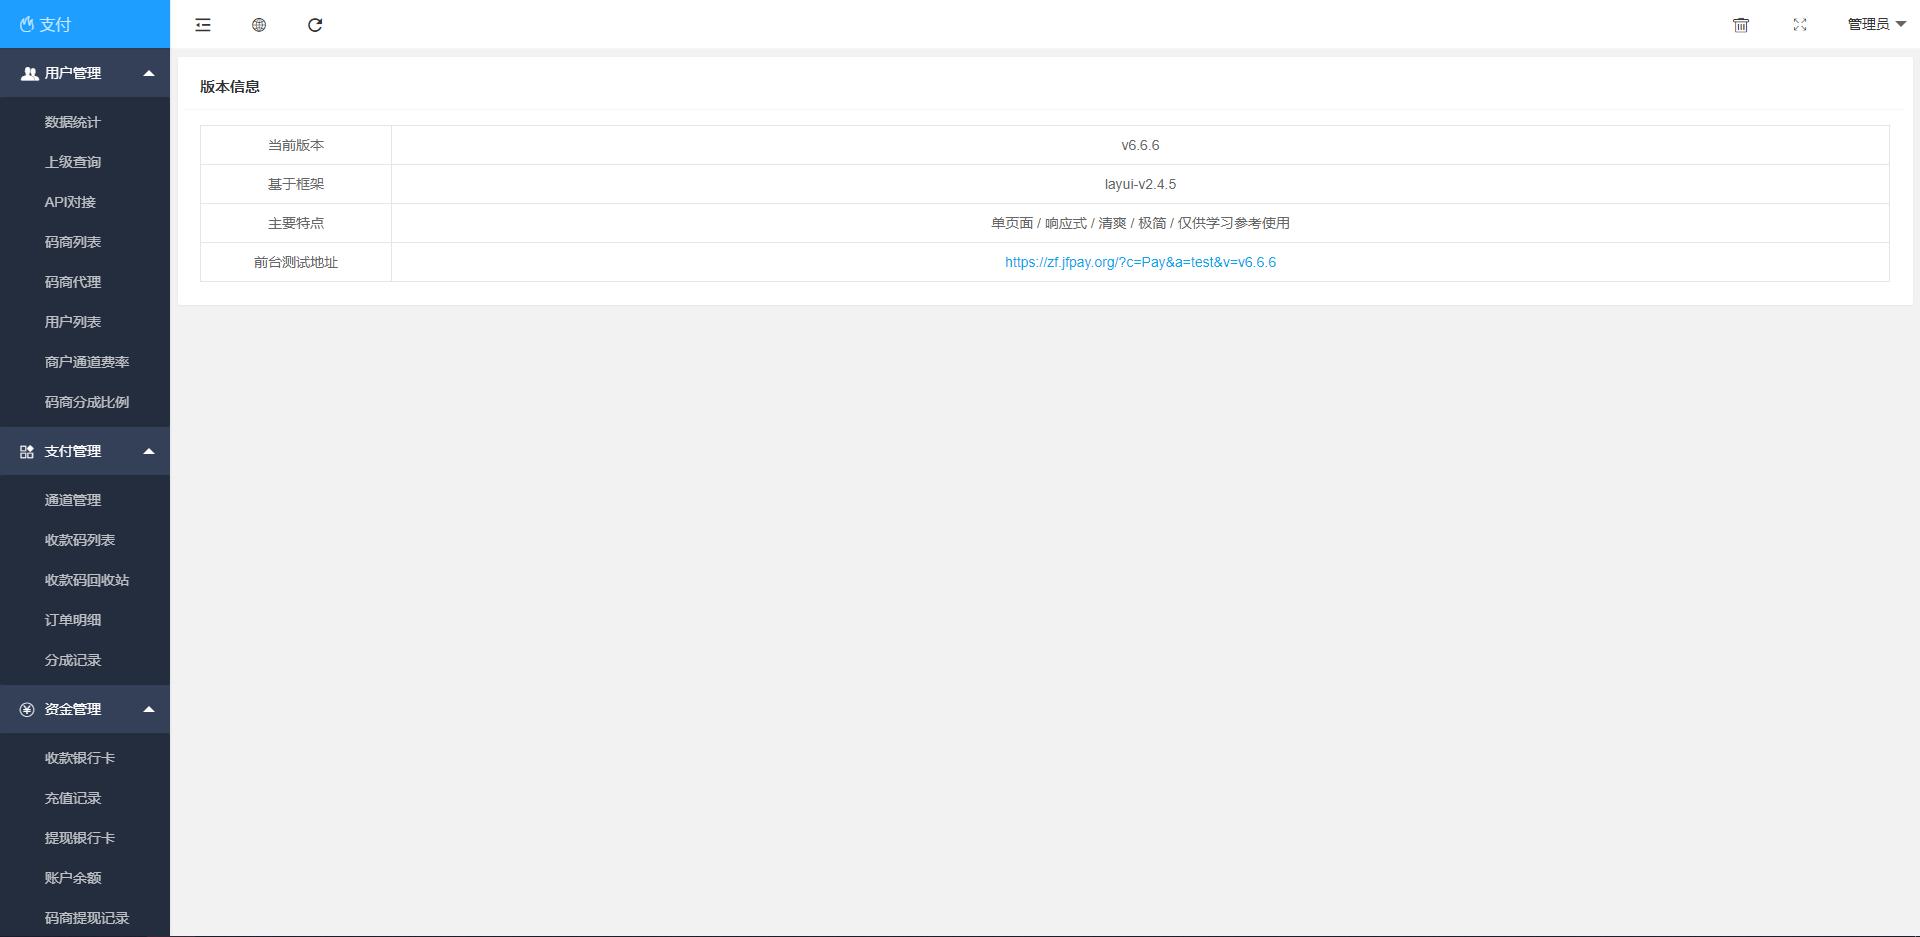 【全新免签支付系统/自动回调验证模式】免签支付自动回调自创回款模式+集成多号监控自动确认+api三四方支付系统  全新免签支付系统 自动回调验证模式 免签支付自动回调自创回款模式 集成多号监控自动确认 api三四方支付系统 自动回调 APP 第16张